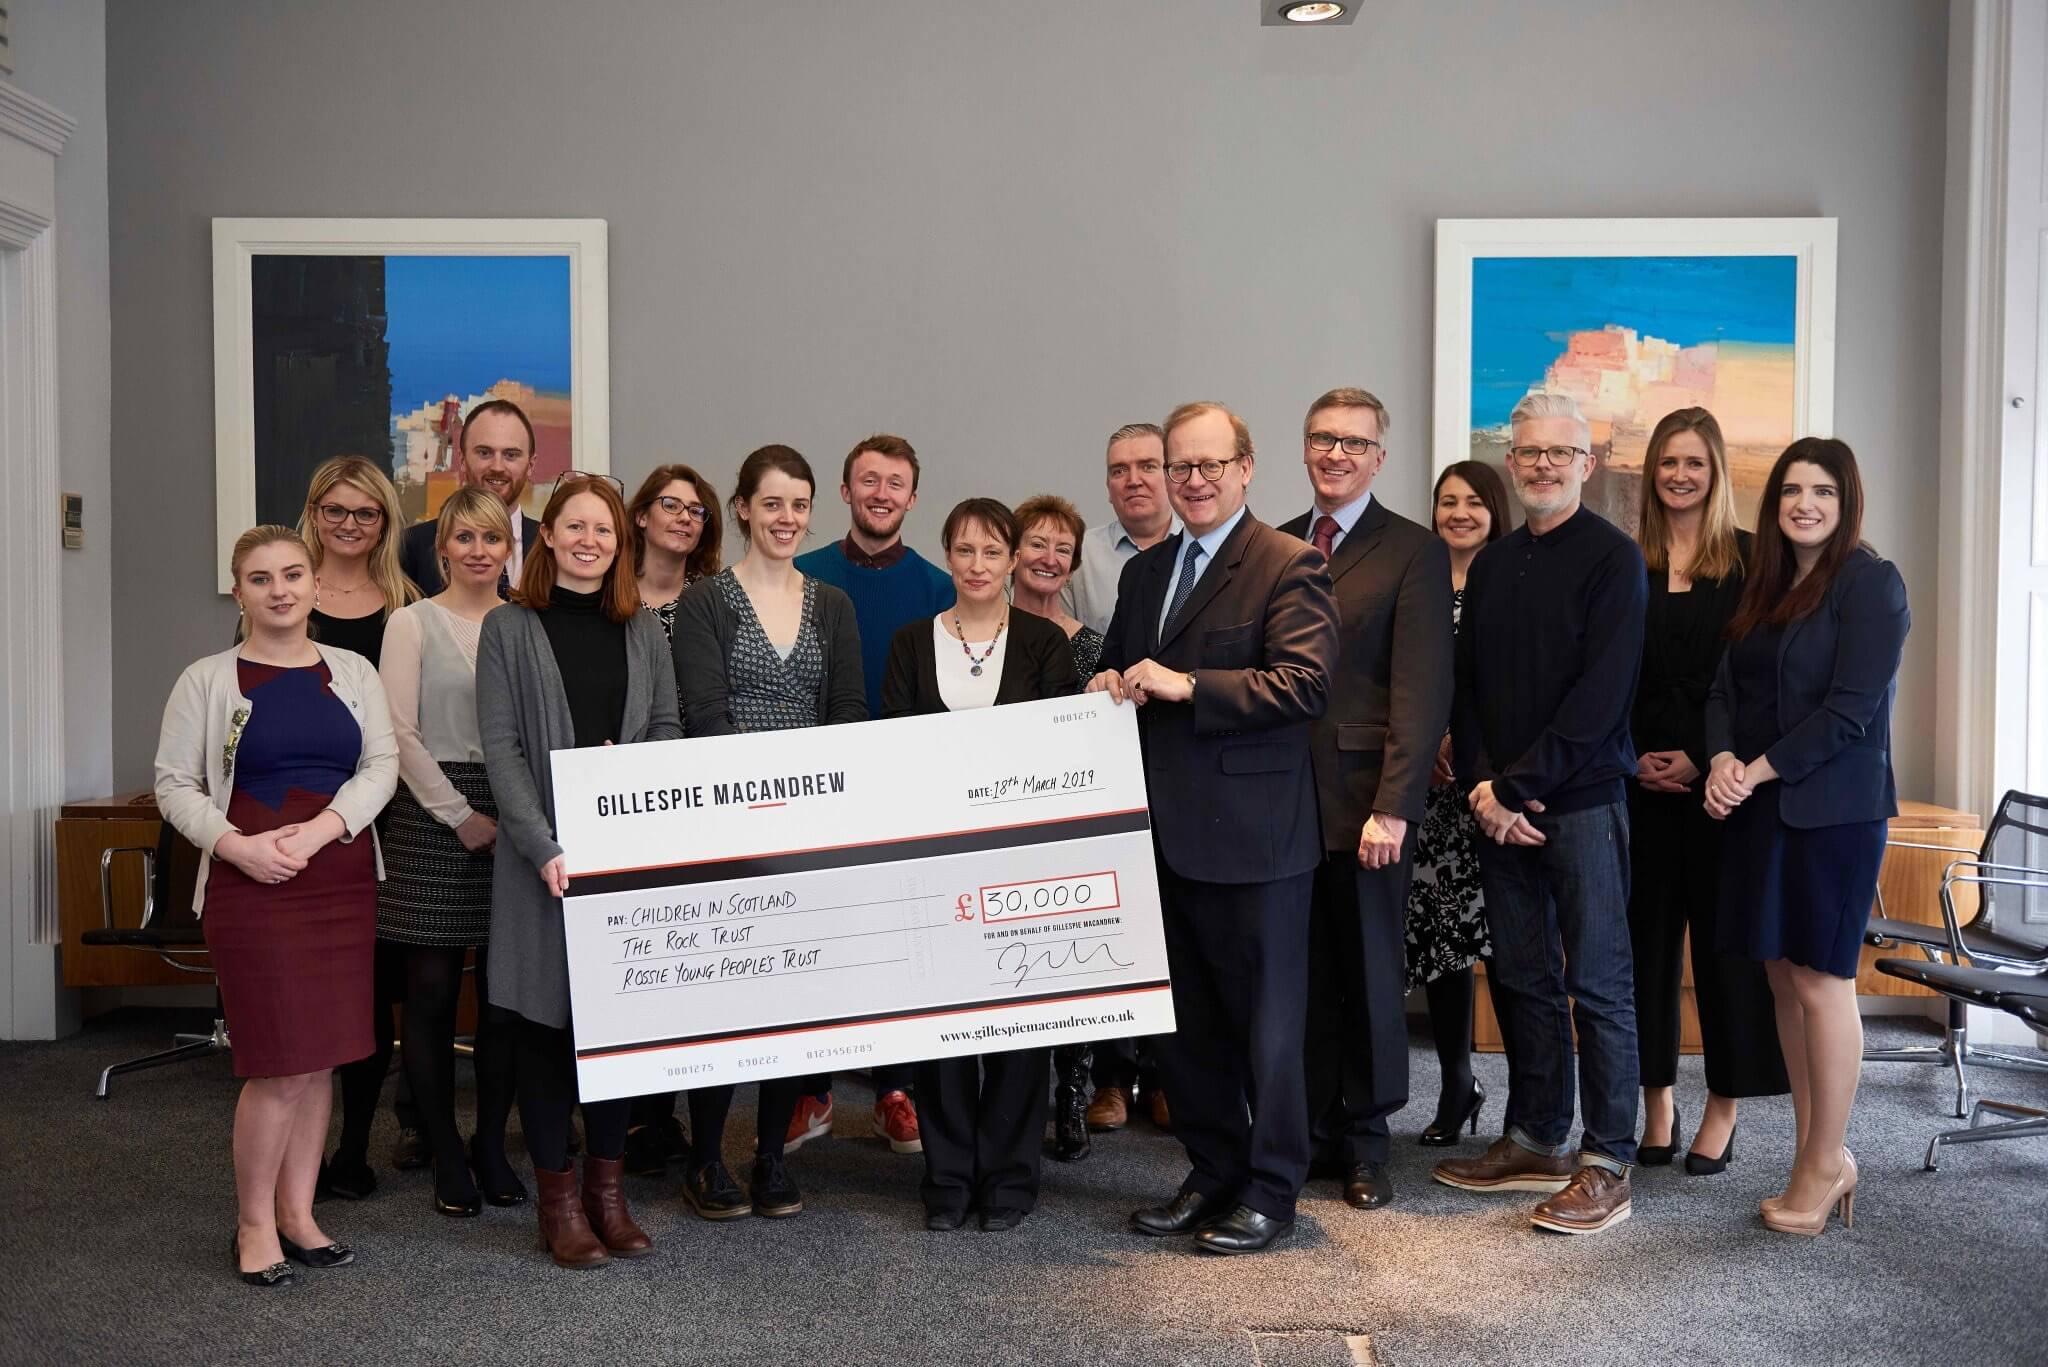 Gillespie Macandrew £30000 charity donation